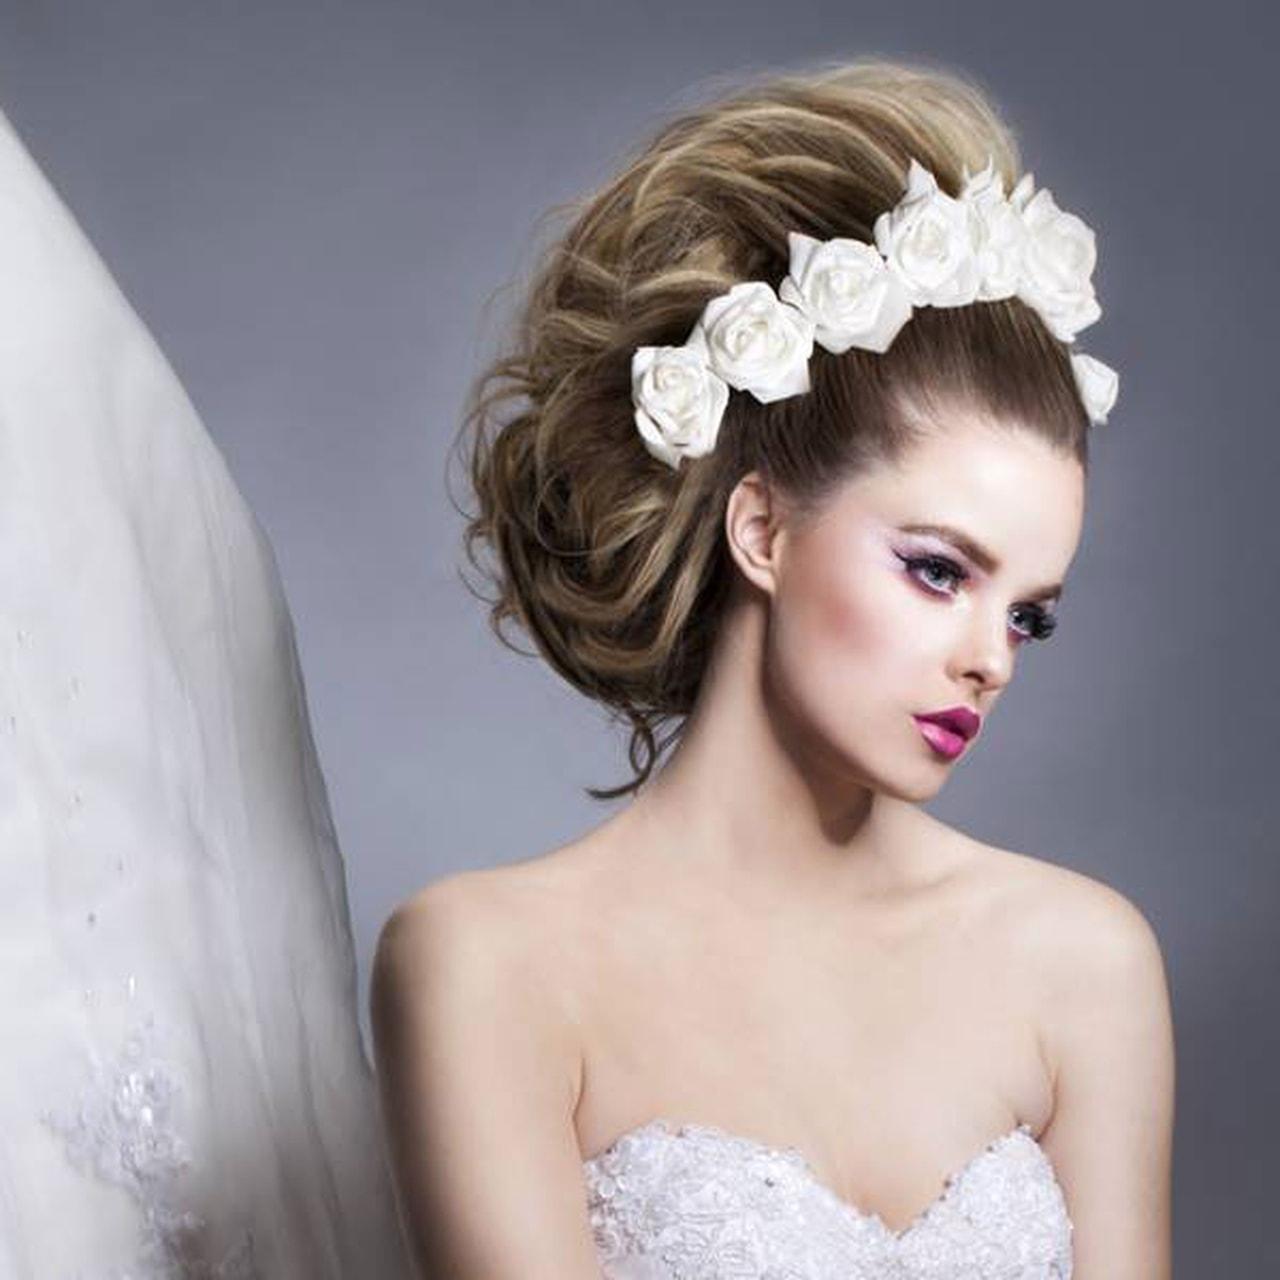 صور احلى تسريحه عروس , تسريحات روعة للعروسة